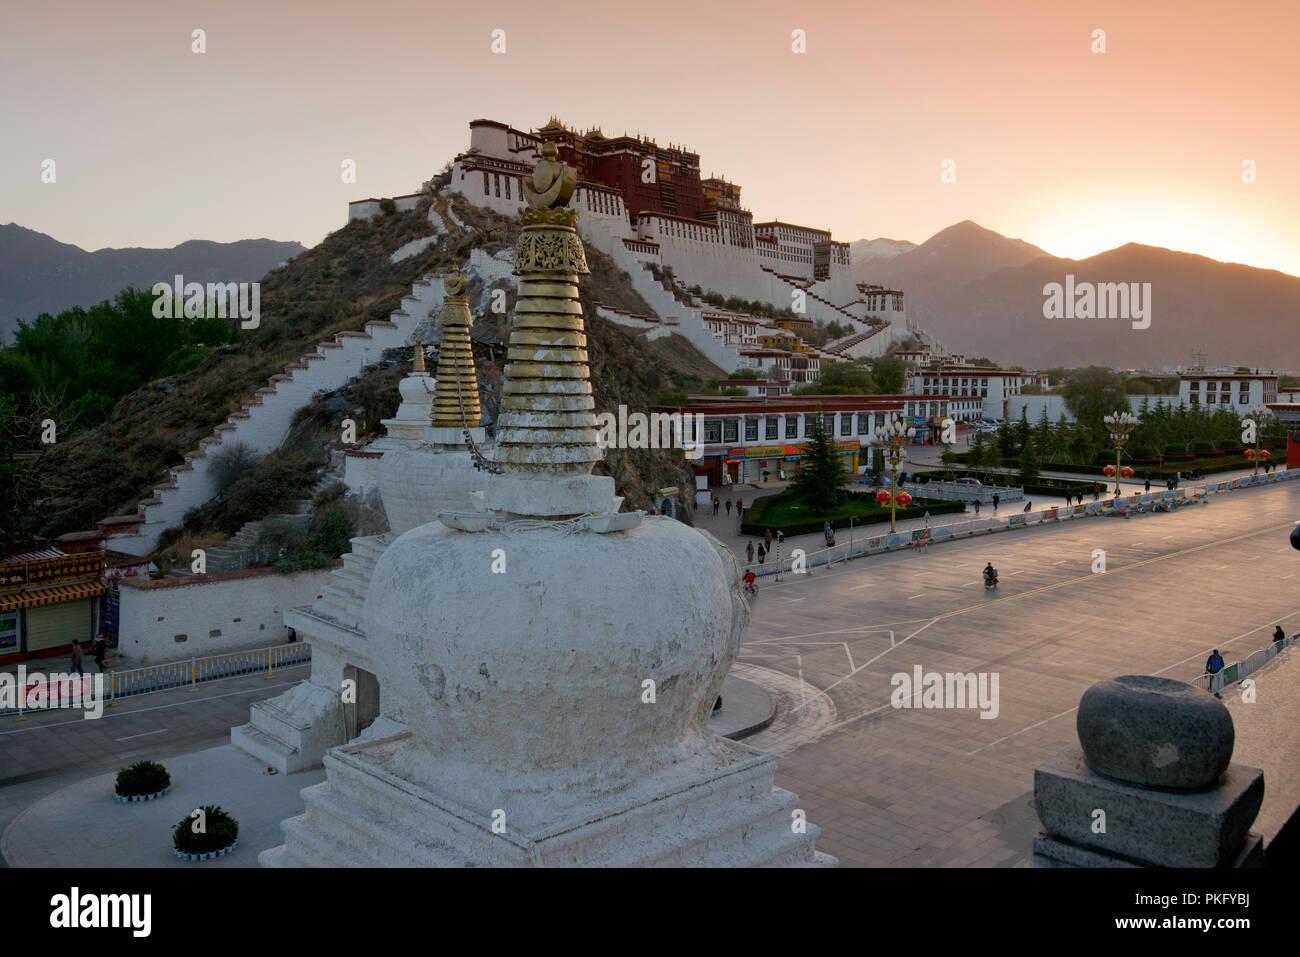 Il Potala, sunrise presso il palazzo d'inverno del Dalai Lama, Lhasa, in Tibet, in Cina Immagini Stock